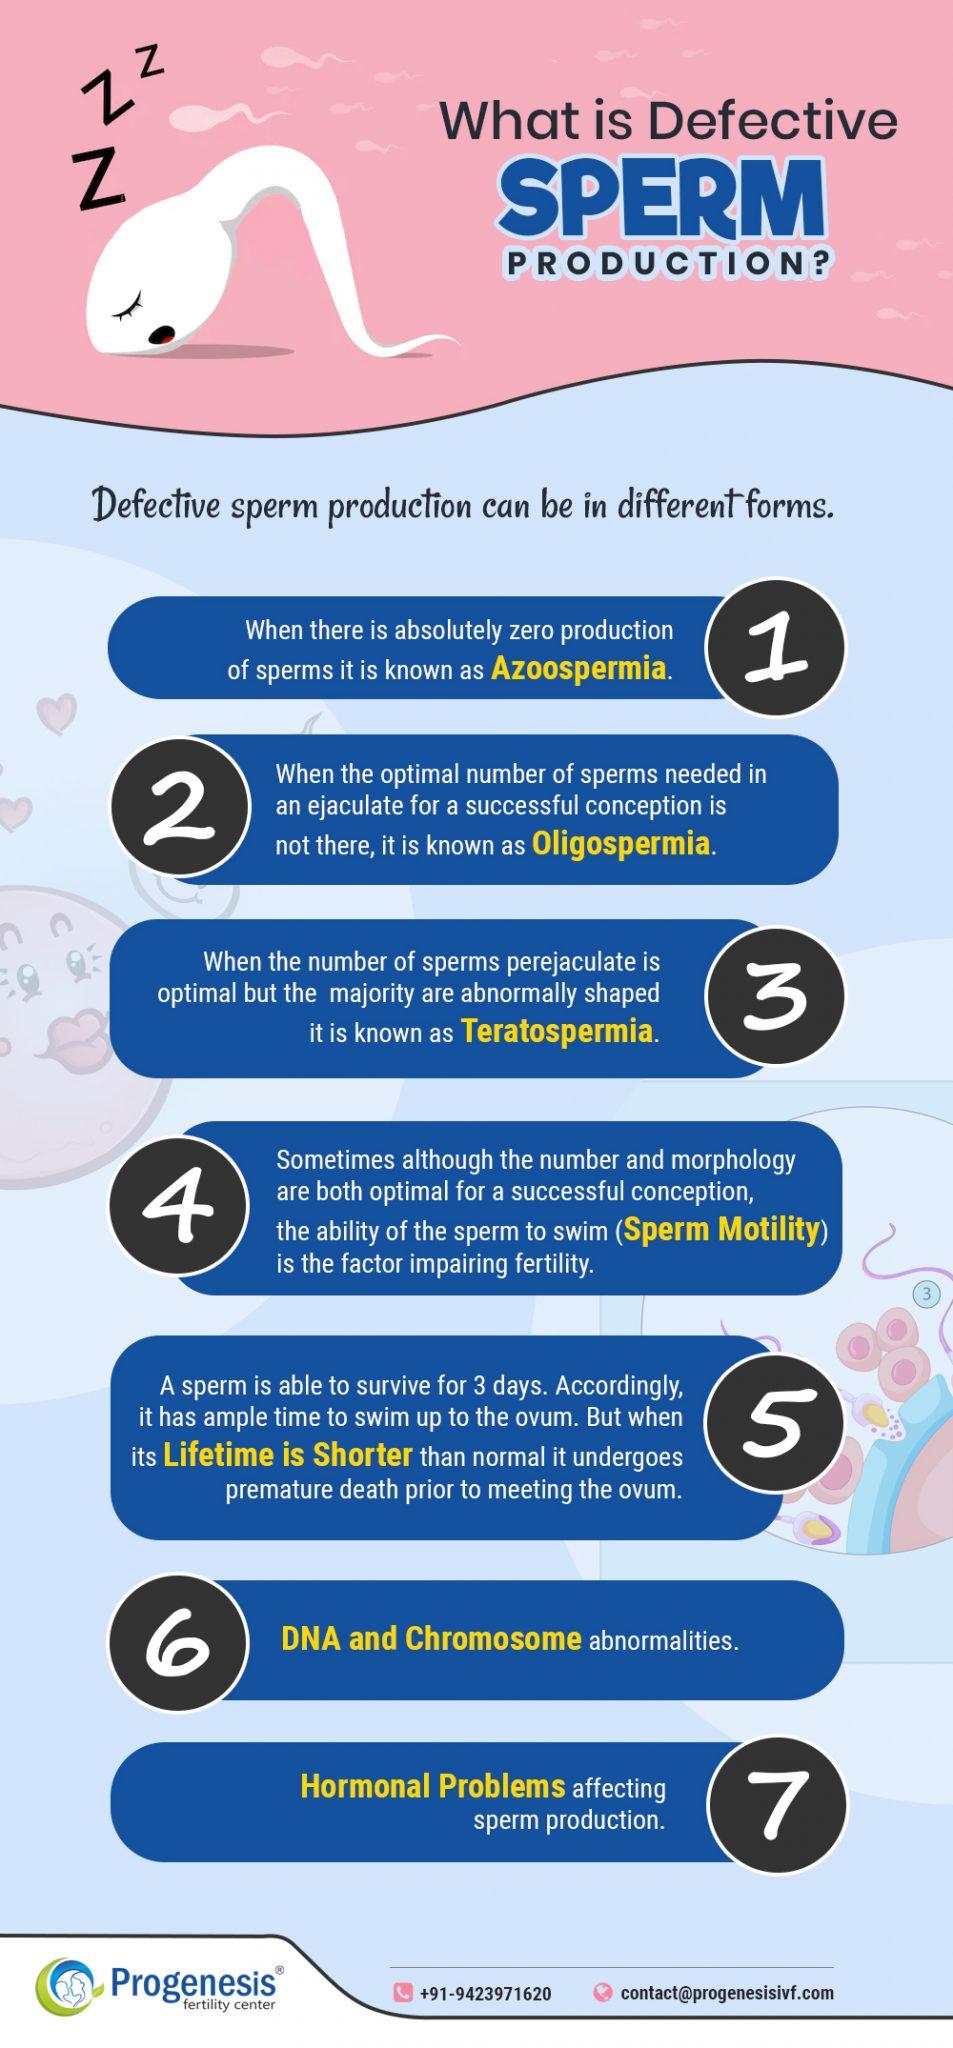 What-is-defective-sperm-production-Progenesis